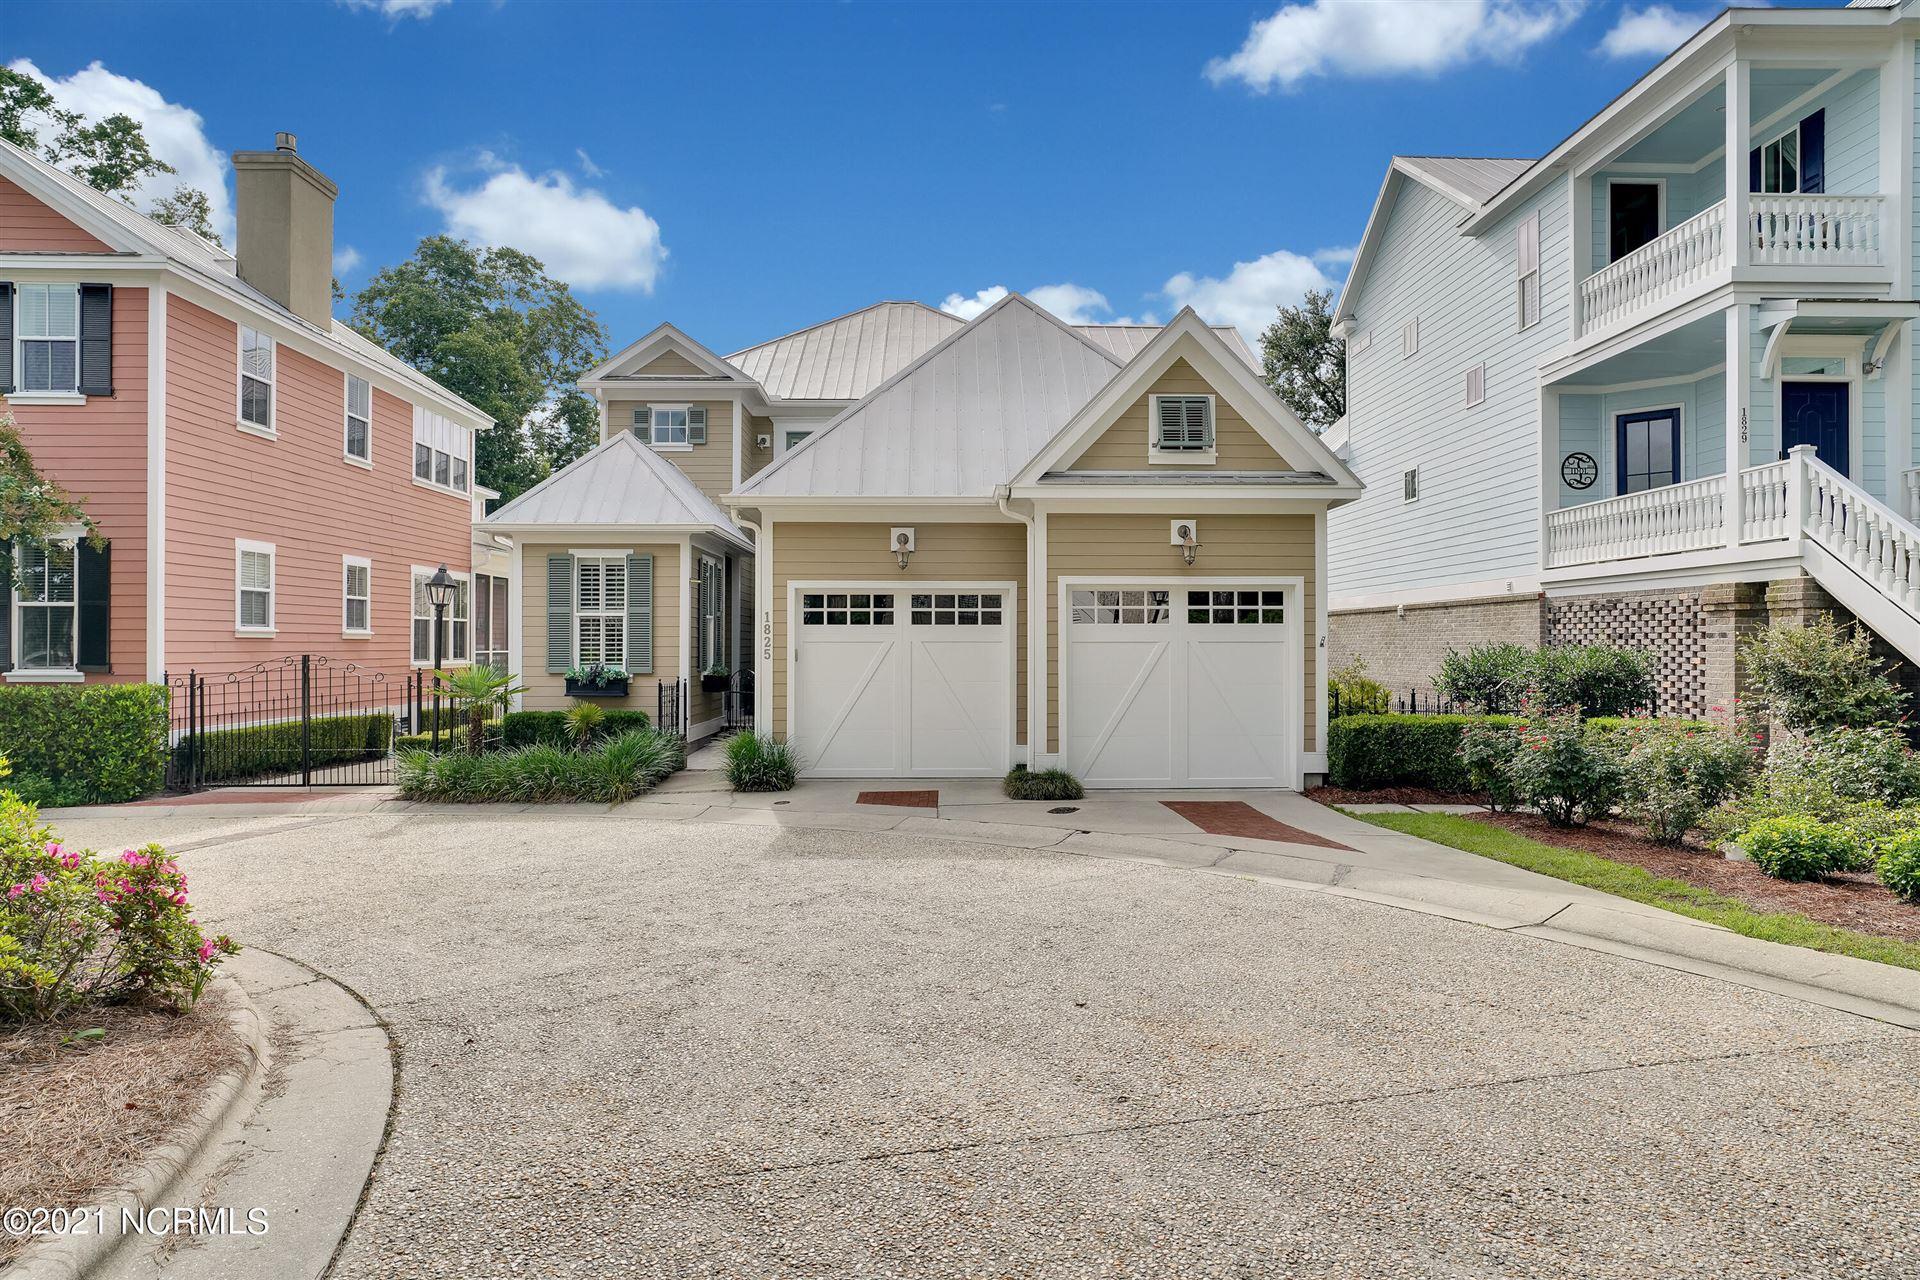 Photo of 1825 Barkley Avenue, Wilmington, NC 28403 (MLS # 100288642)